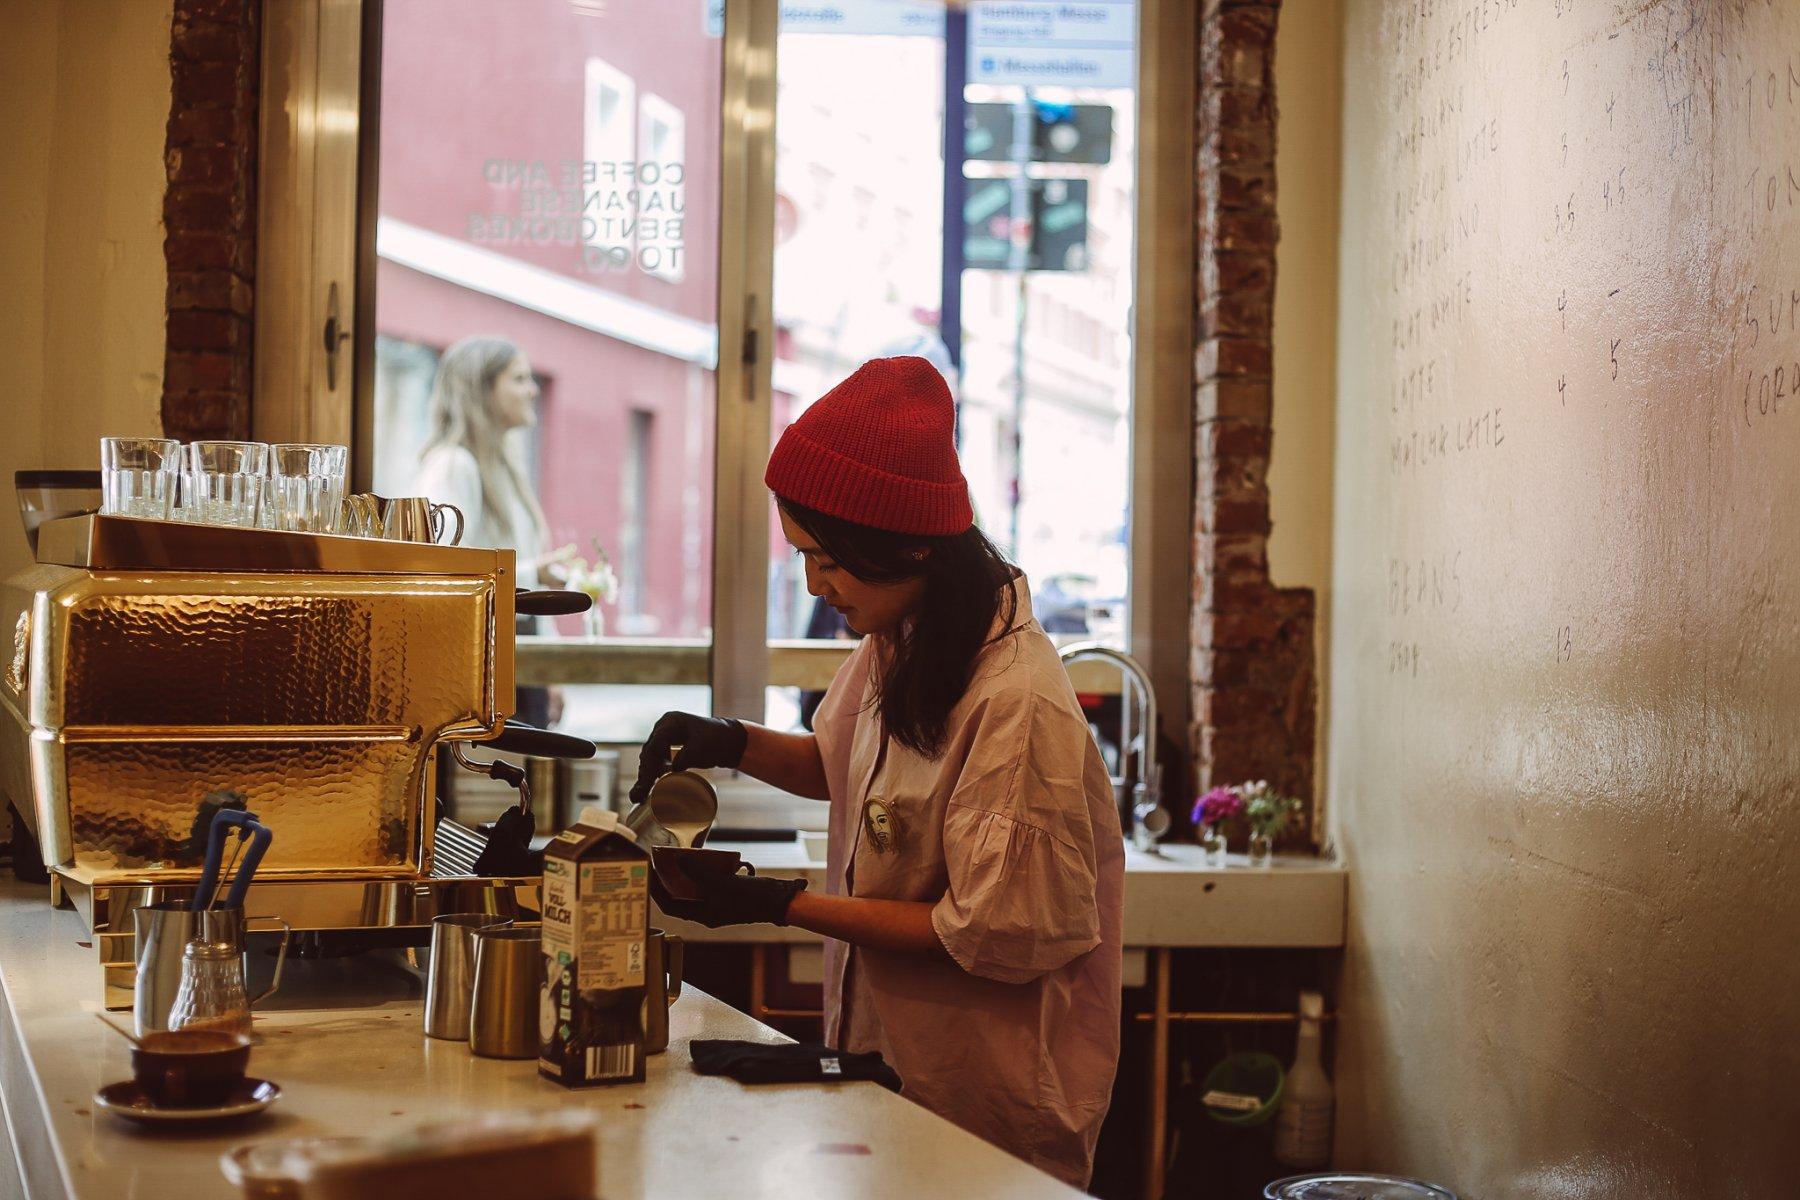 Geheimtpp Hamburg St Pauli Café Café by Dokuwa Leonie Henze 12